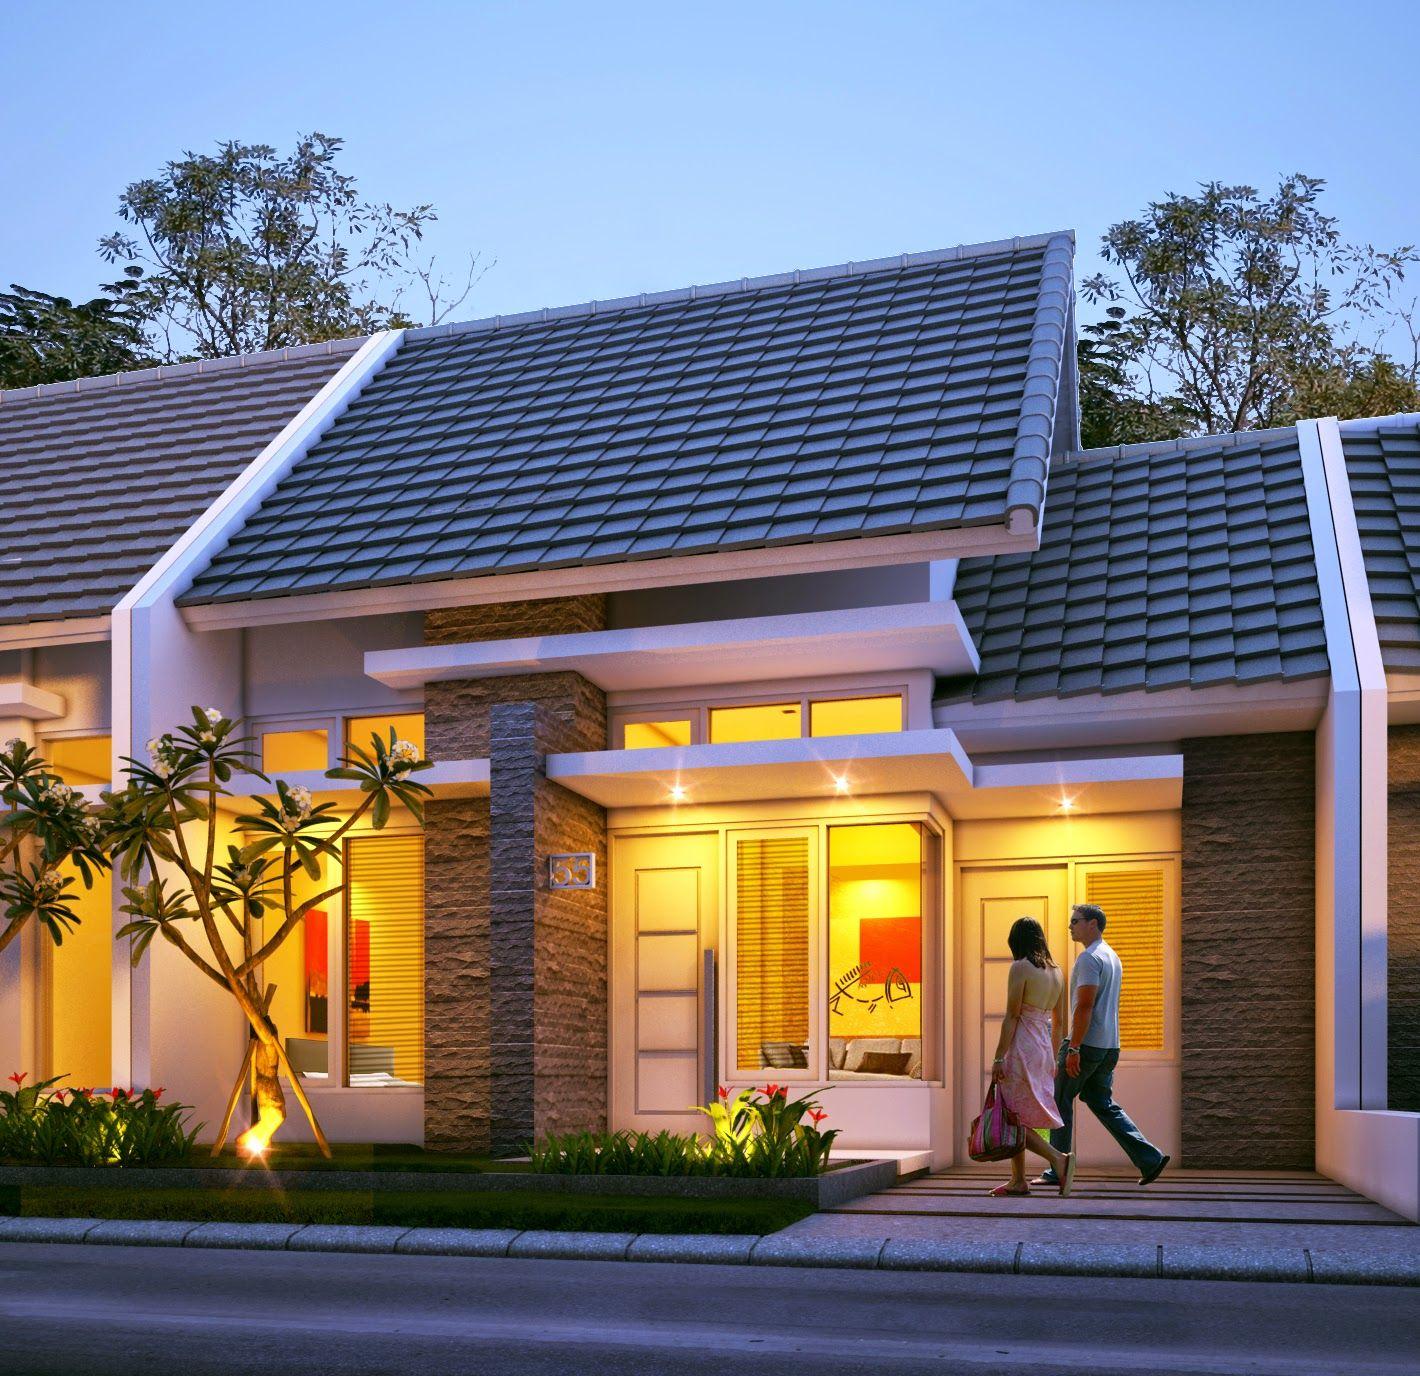 70 Desain Rumah Minimalis Australia | Desain Rumah ...